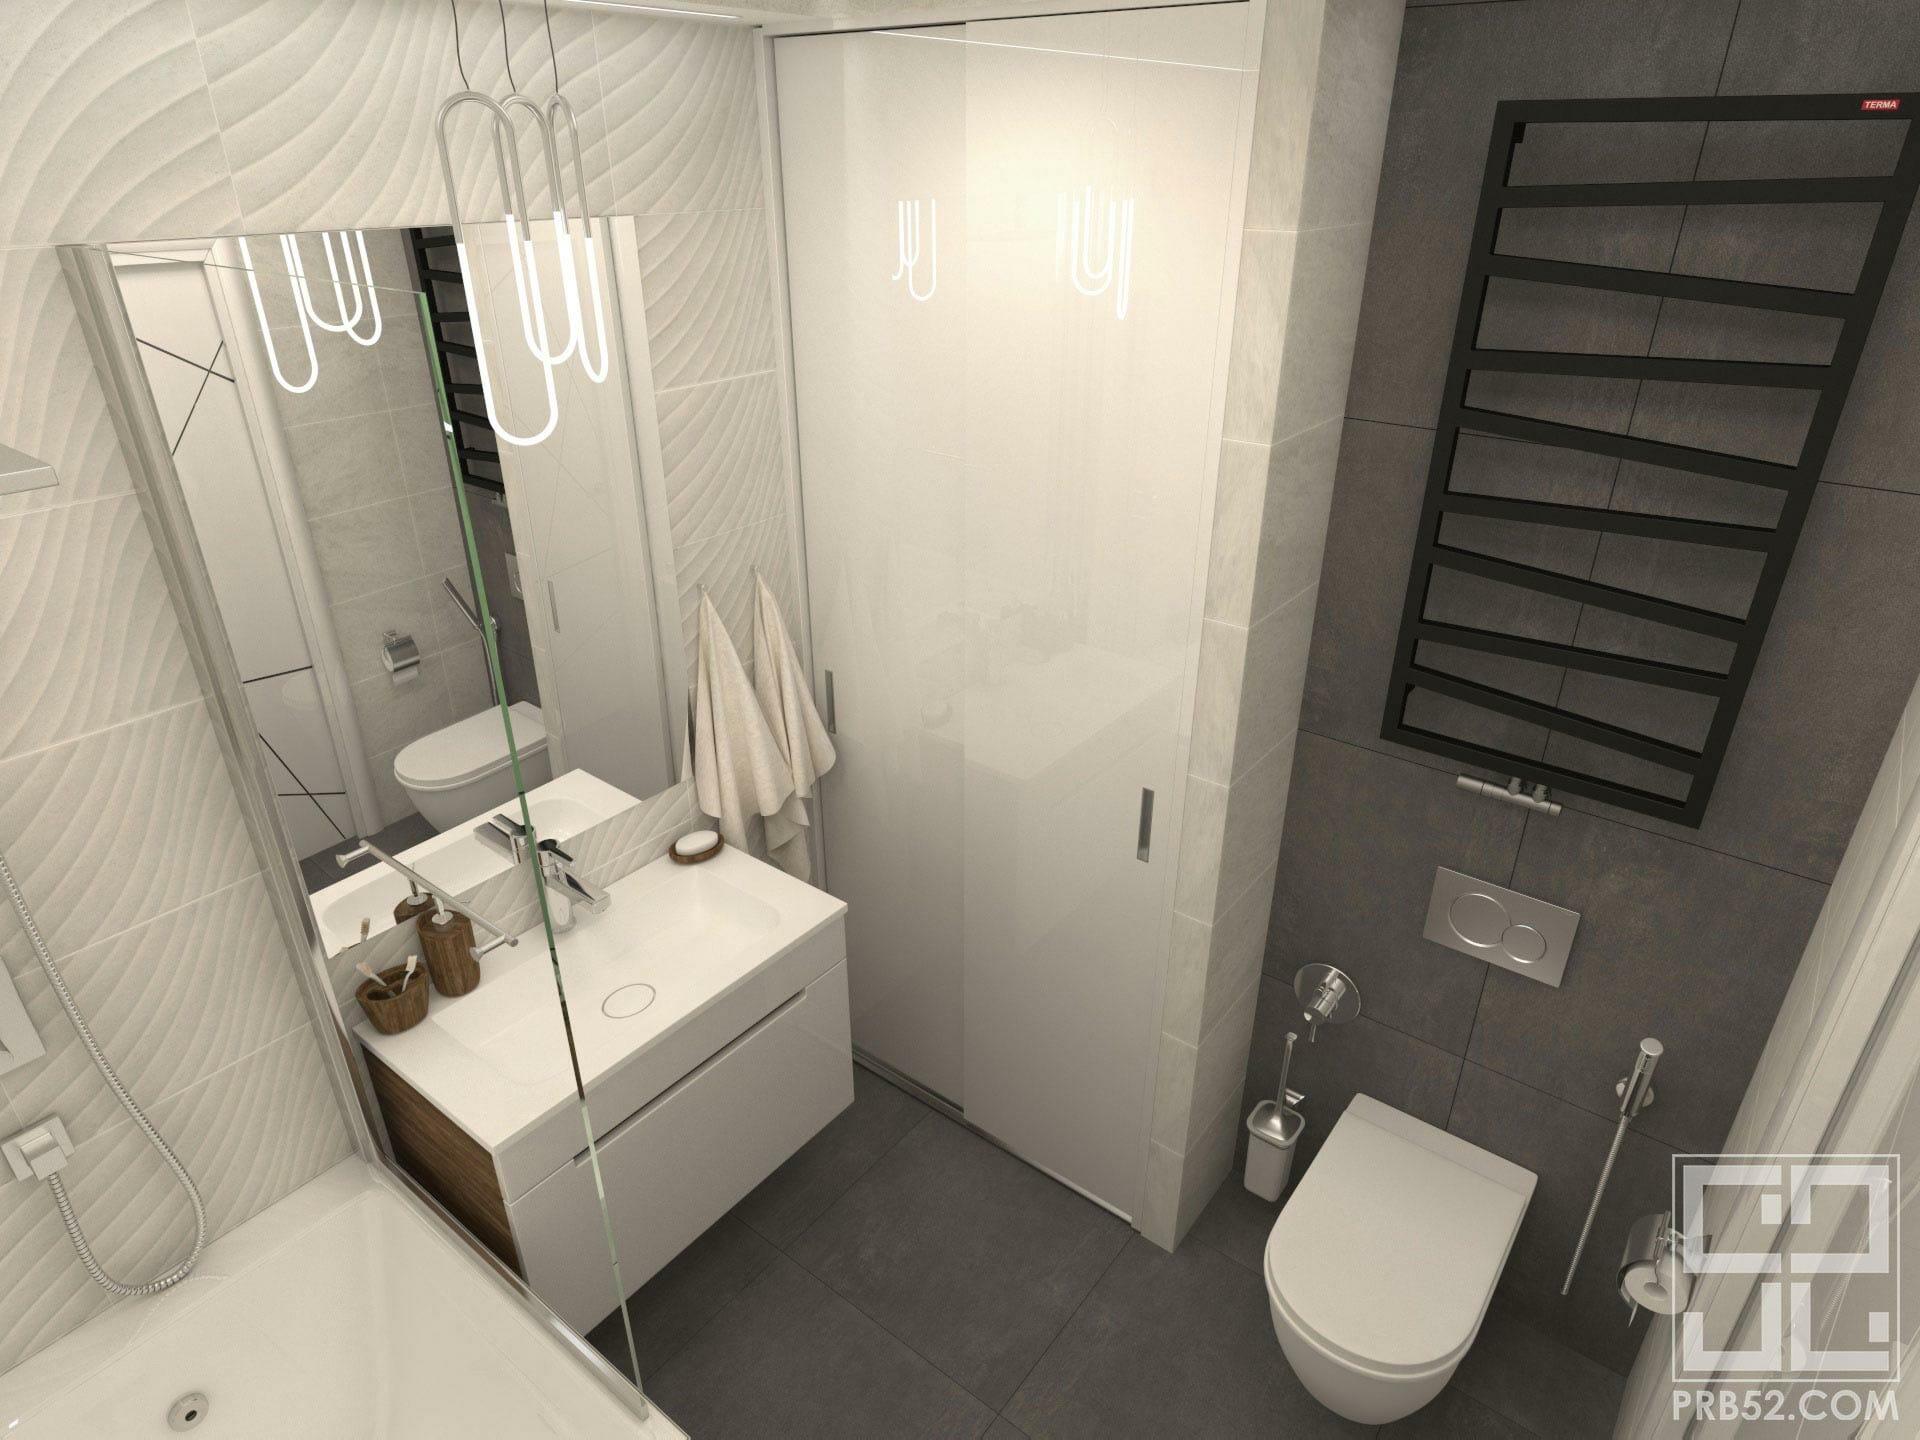 дизайн интерьера ванной комнаты в современном стили идеи